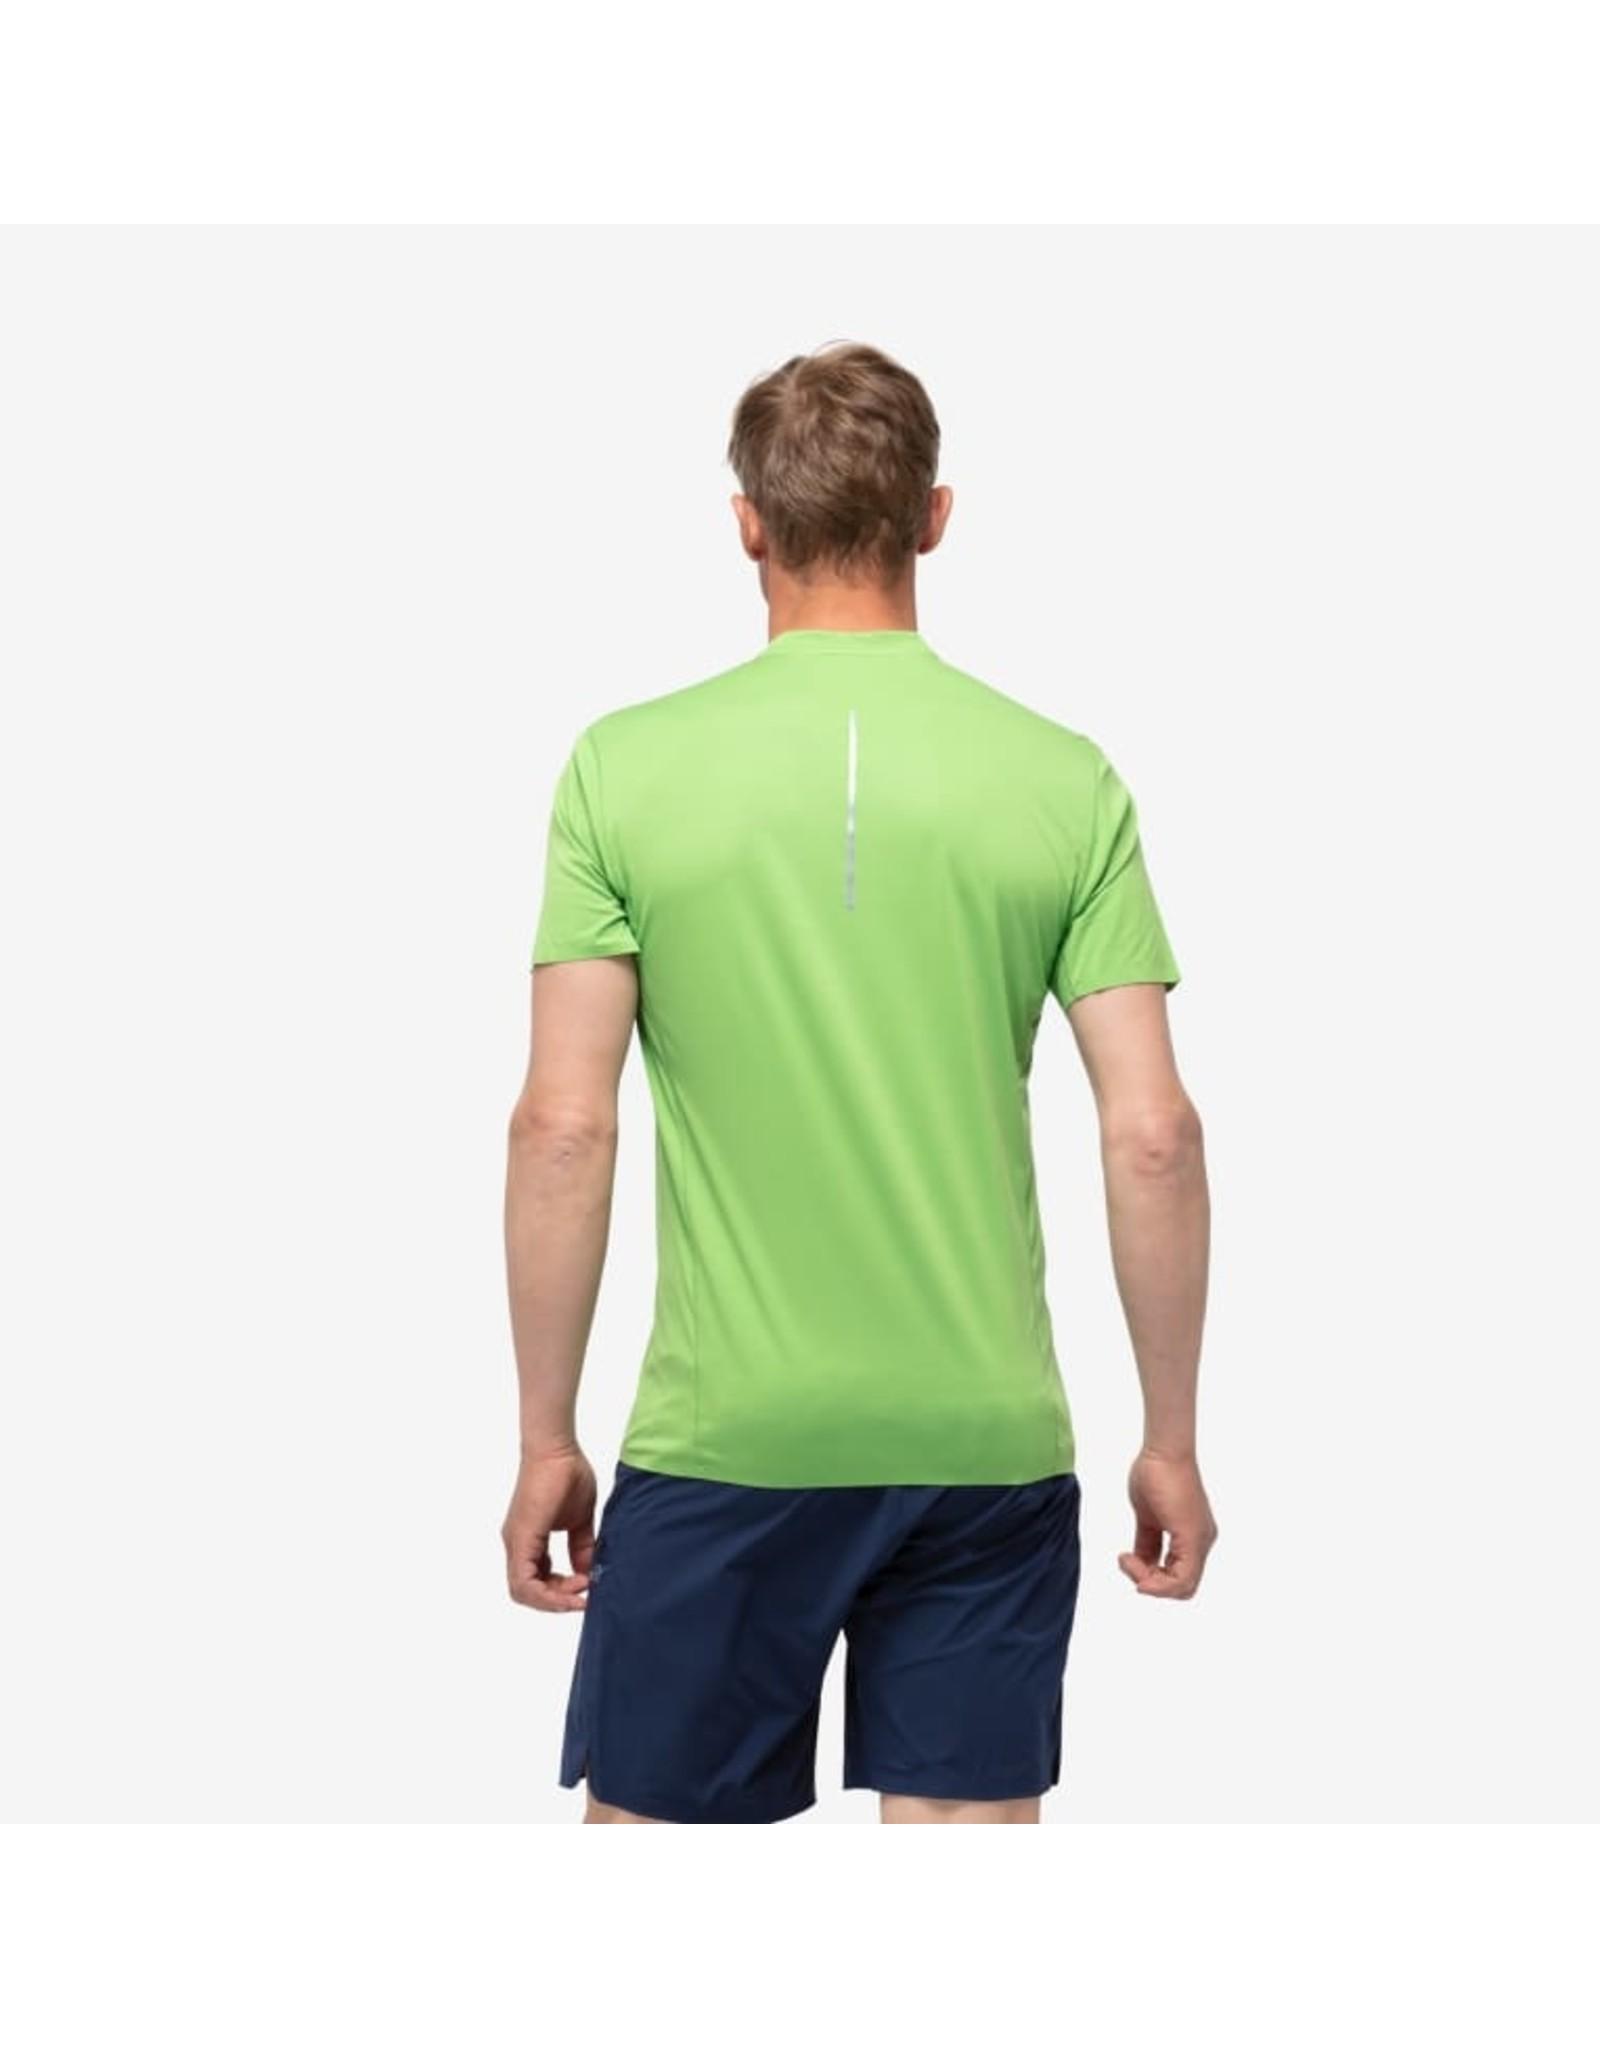 Bitihorn Tech T-Shirt